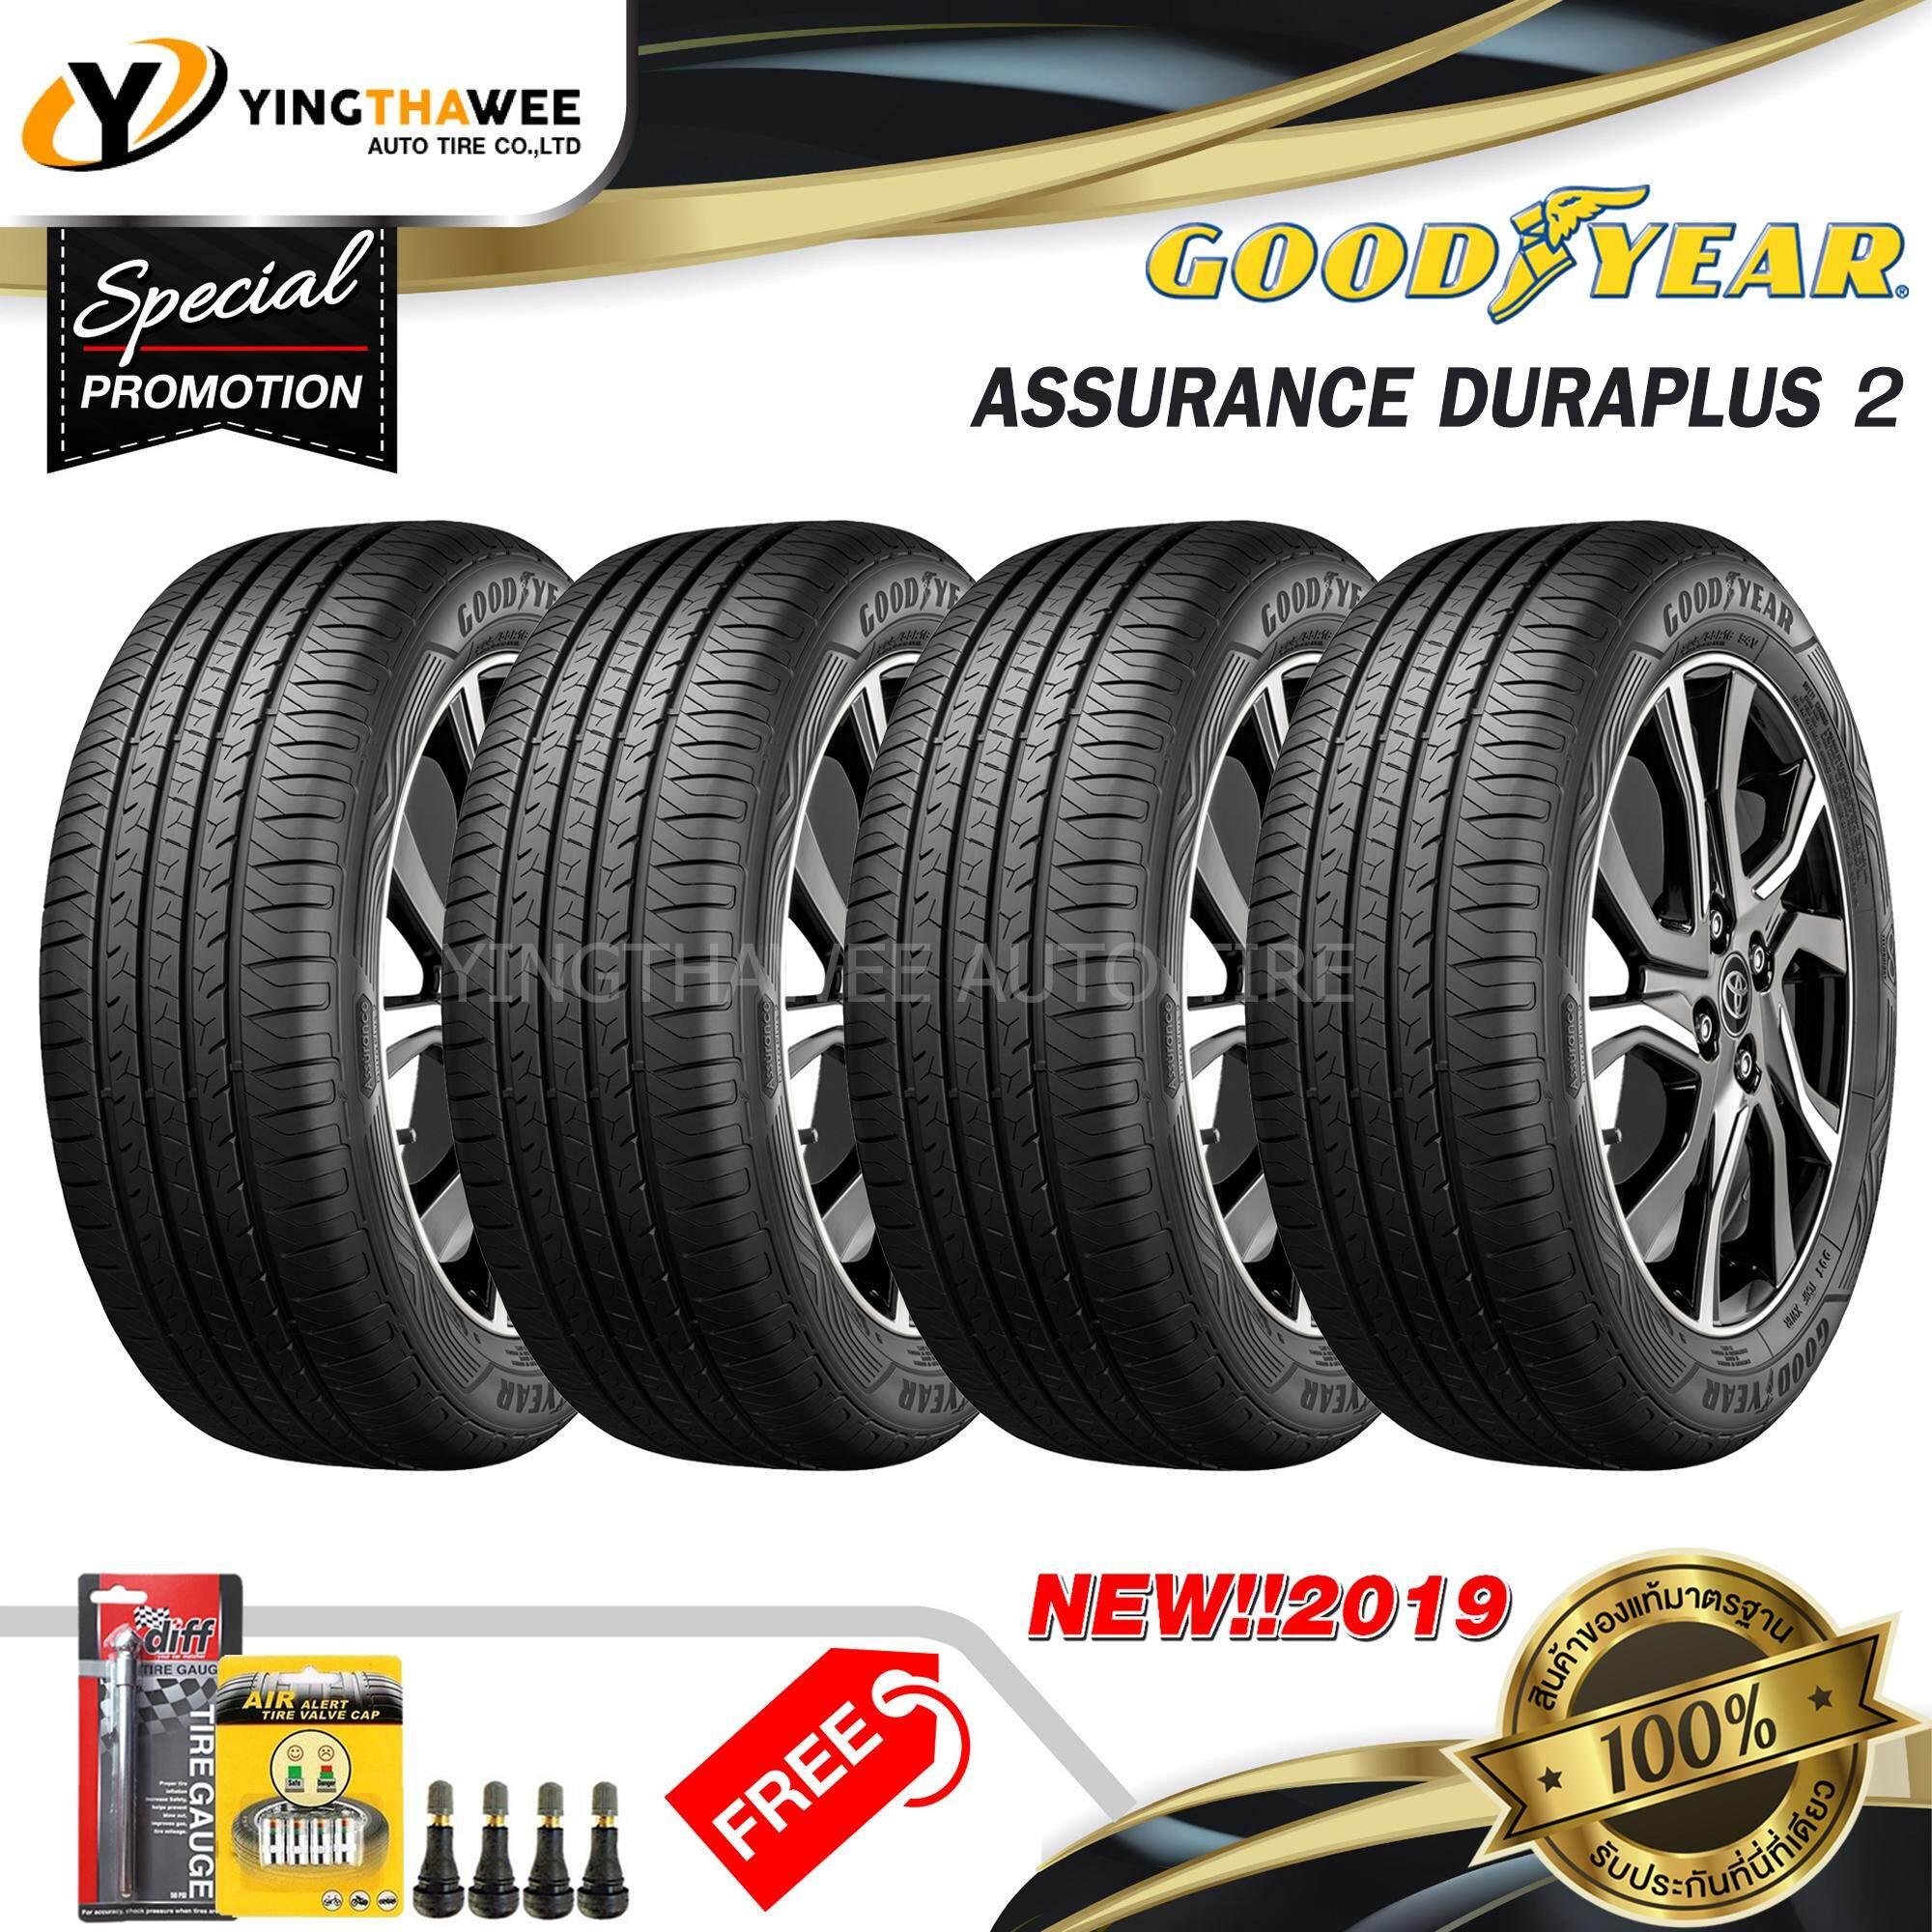 ประกันภัย รถยนต์ แบบ ผ่อน ได้ ศรีสะเกษ GOODYEAR ยางรถยนต์ 195/60R15 รุ่น Assurance Duraplus2  4 เส้น (ปี 2019) แถมจุ๊บลมยางแกนทองเหลือง 4 ตัว + จุกลมยางอัจฉริยะ 1 ชุด + เกจวัดลมยาง 1 ตัว